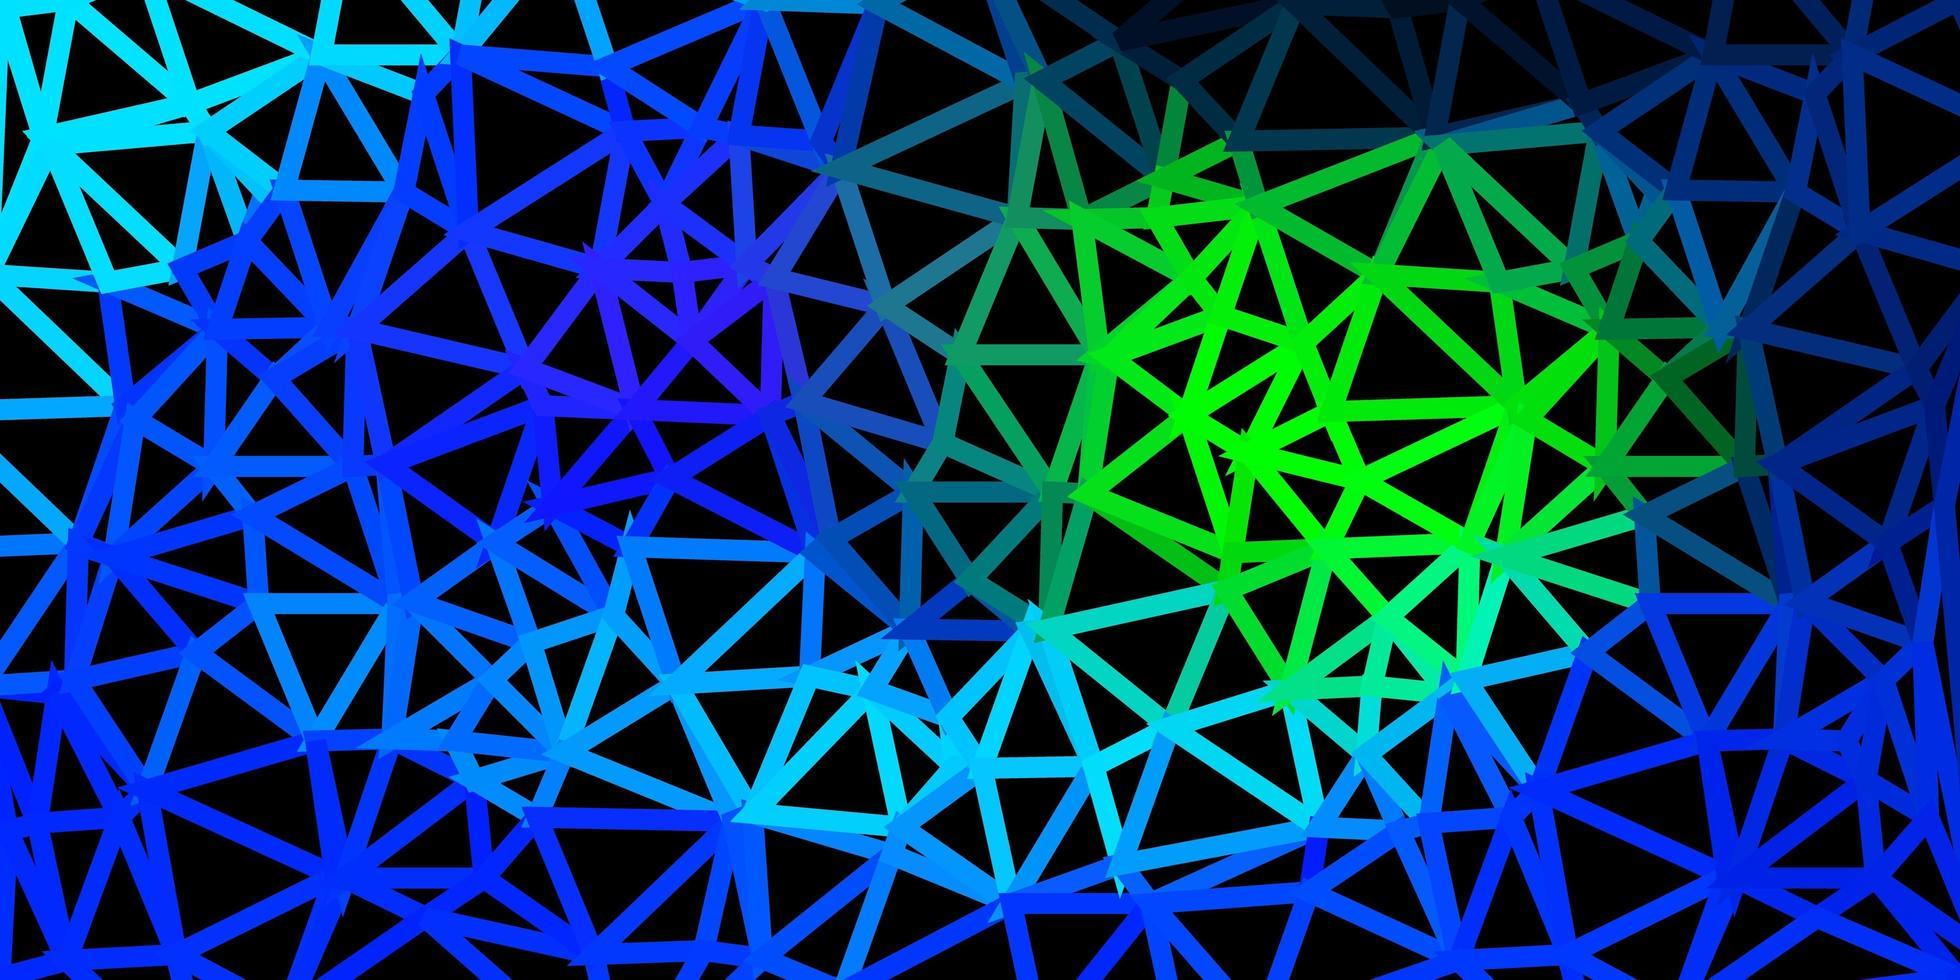 patrón de mosaico de triángulo azul claro, verde. vector